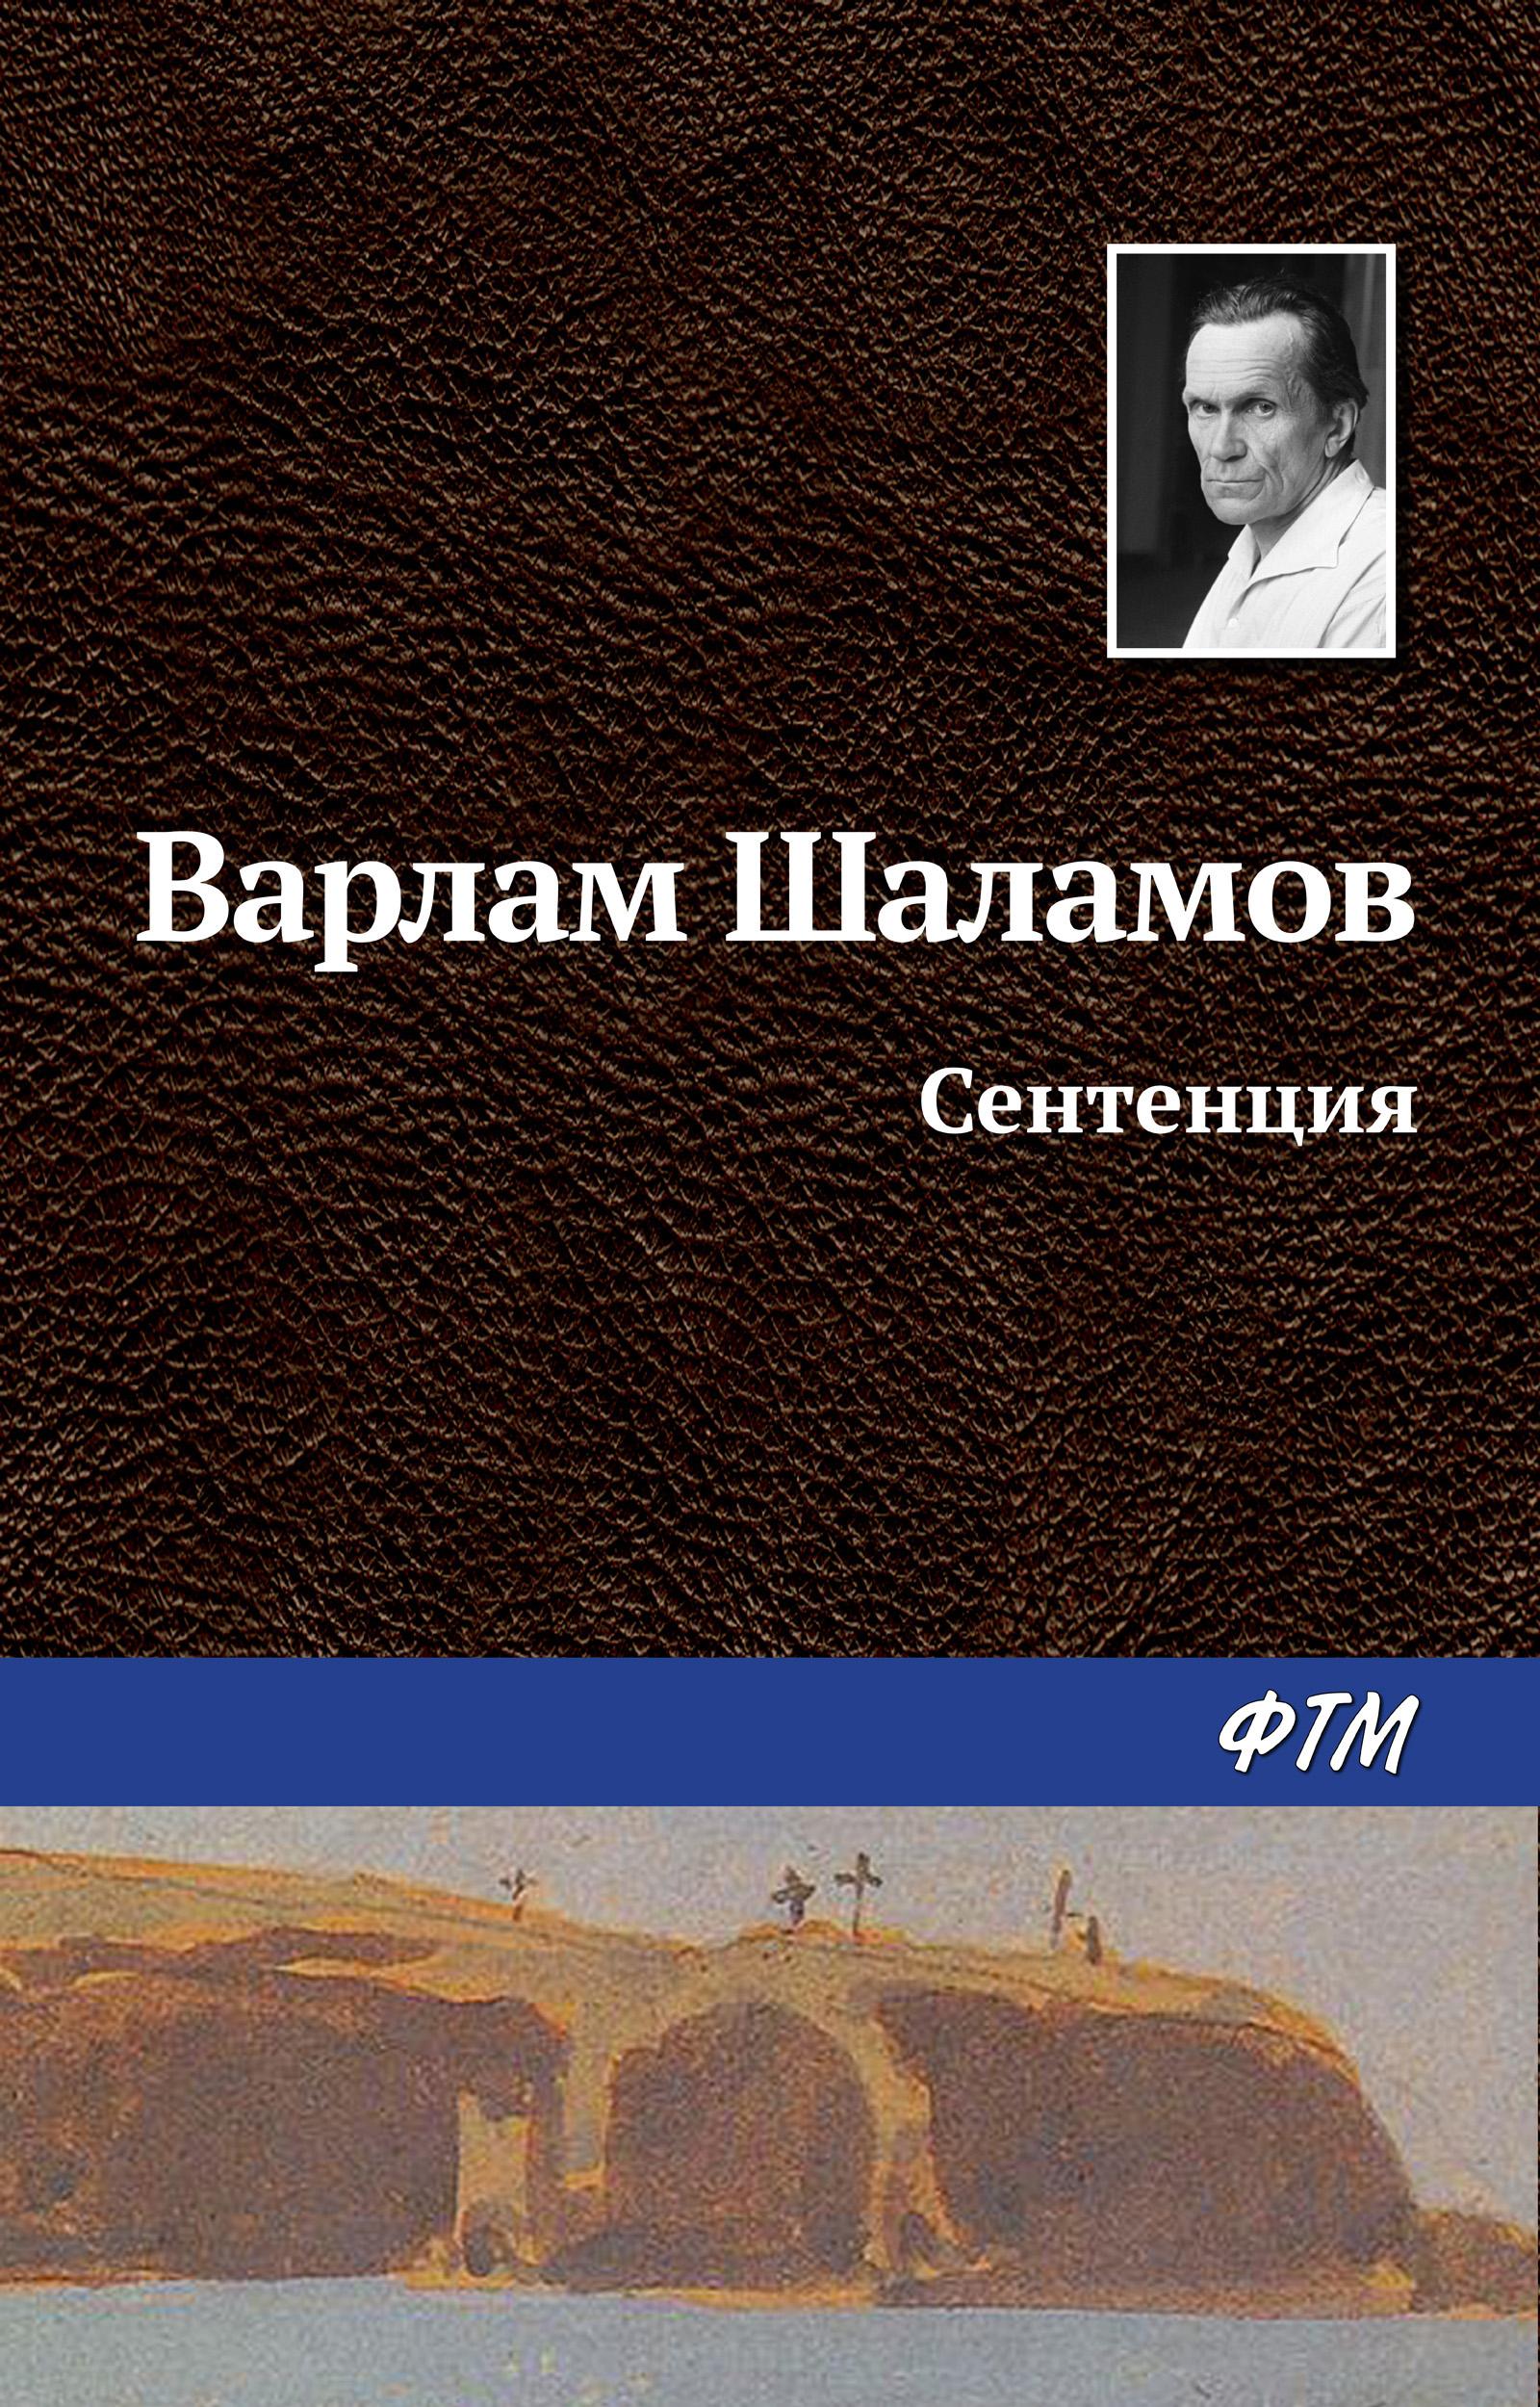 Варлам Шаламов Сентенция